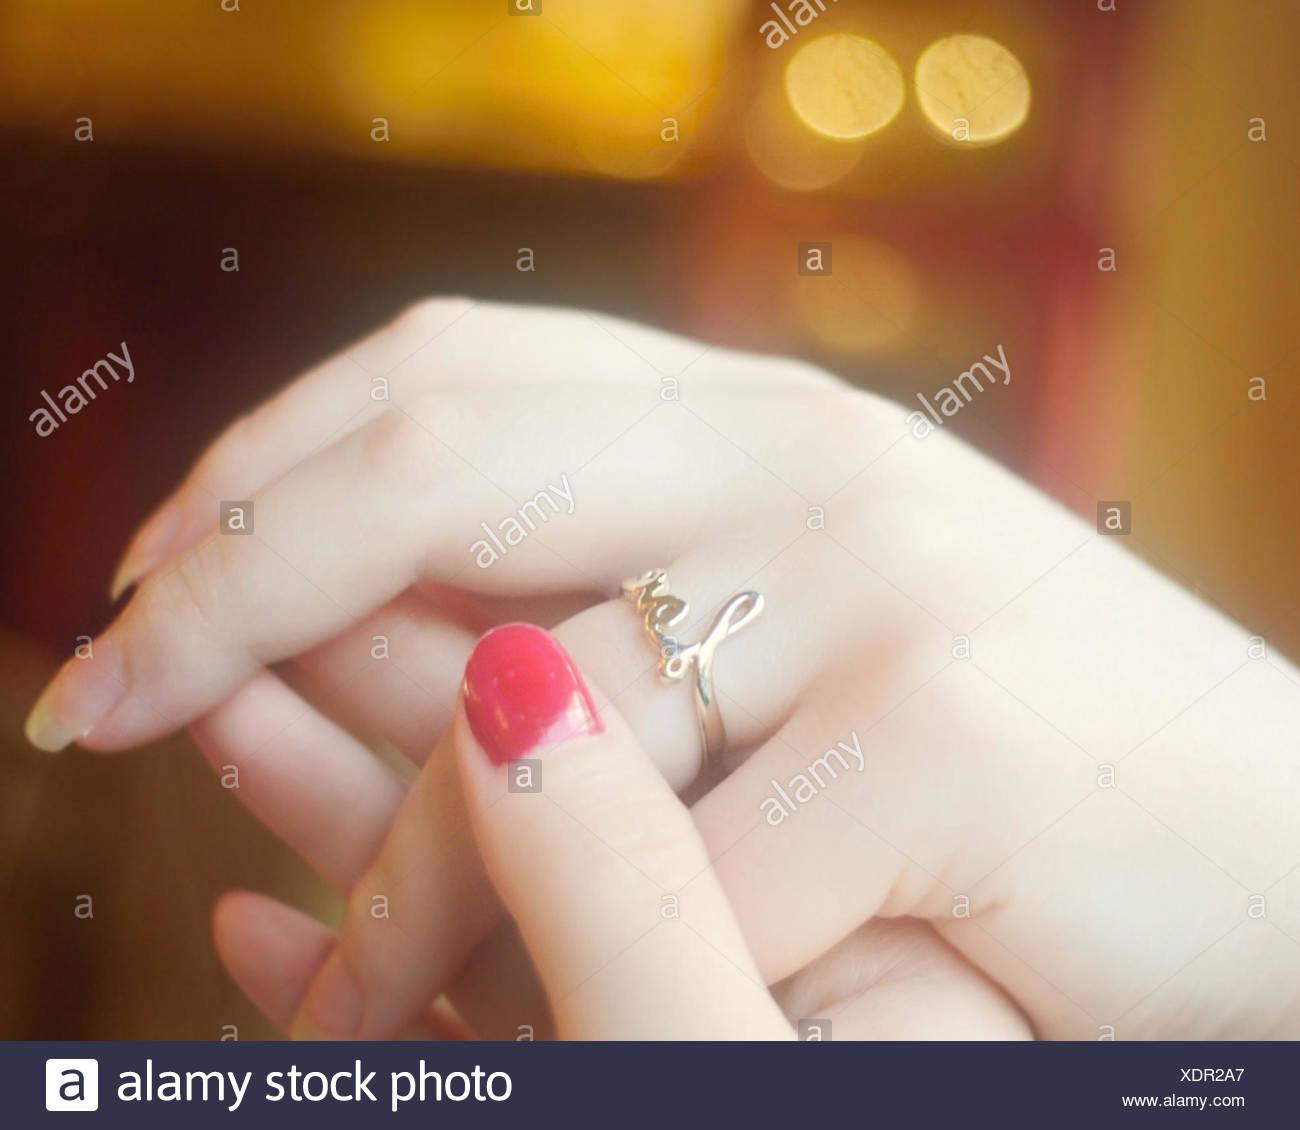 Vista das mãos com anel de amor Imagens de Stock